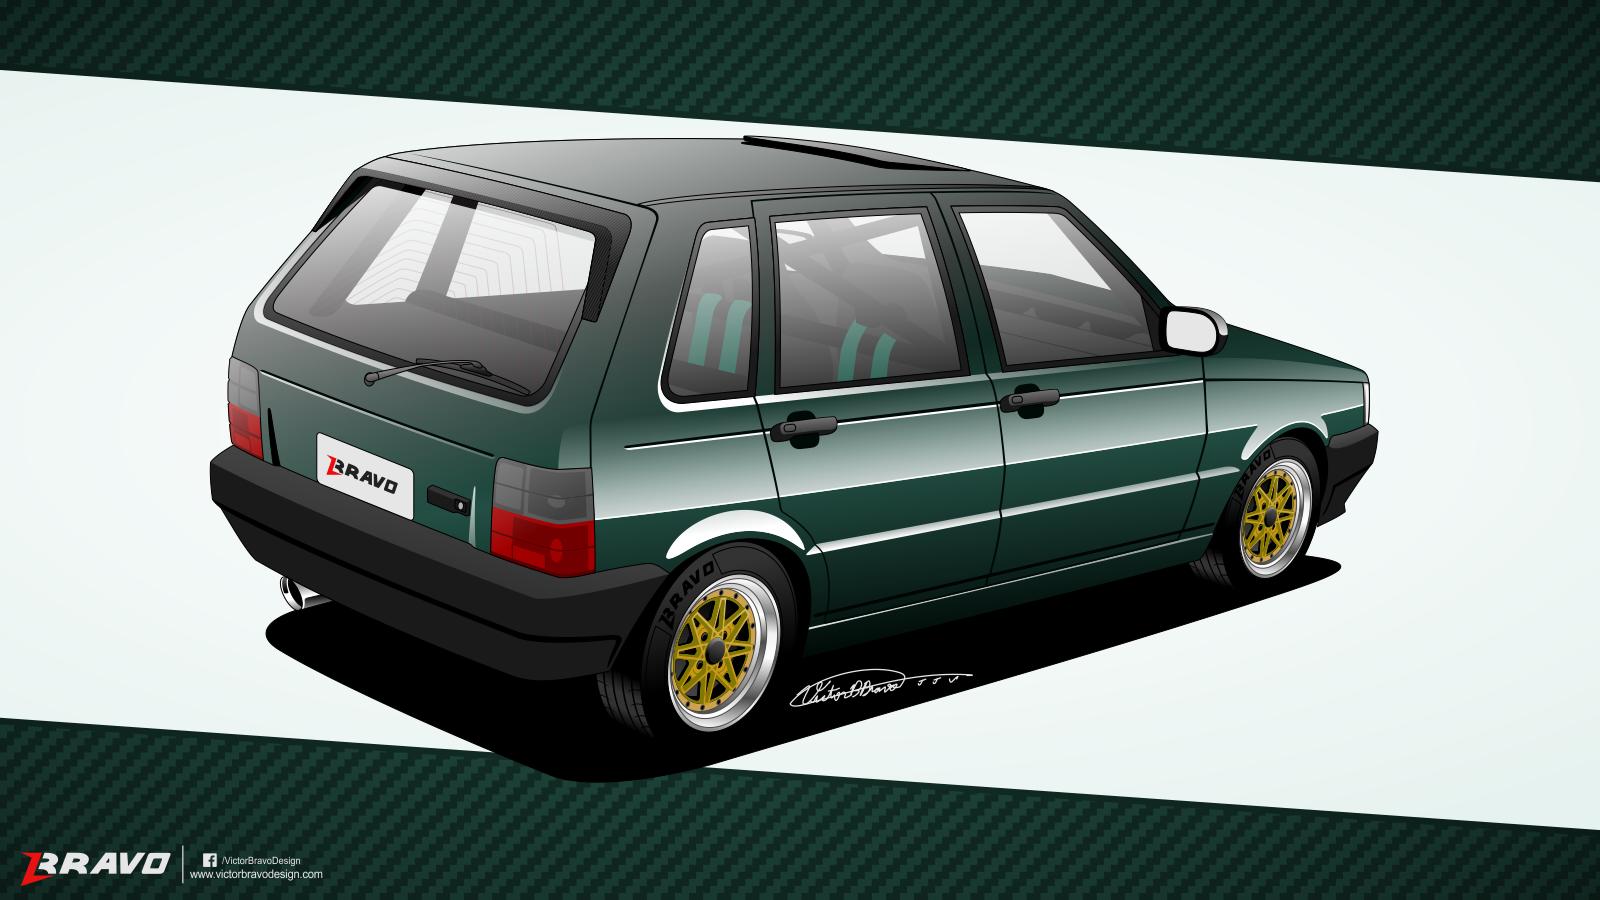 Imagem mostrando a frente do Fiat Uno 4p 1996 ''Juliano Henrique'' (Traseira)